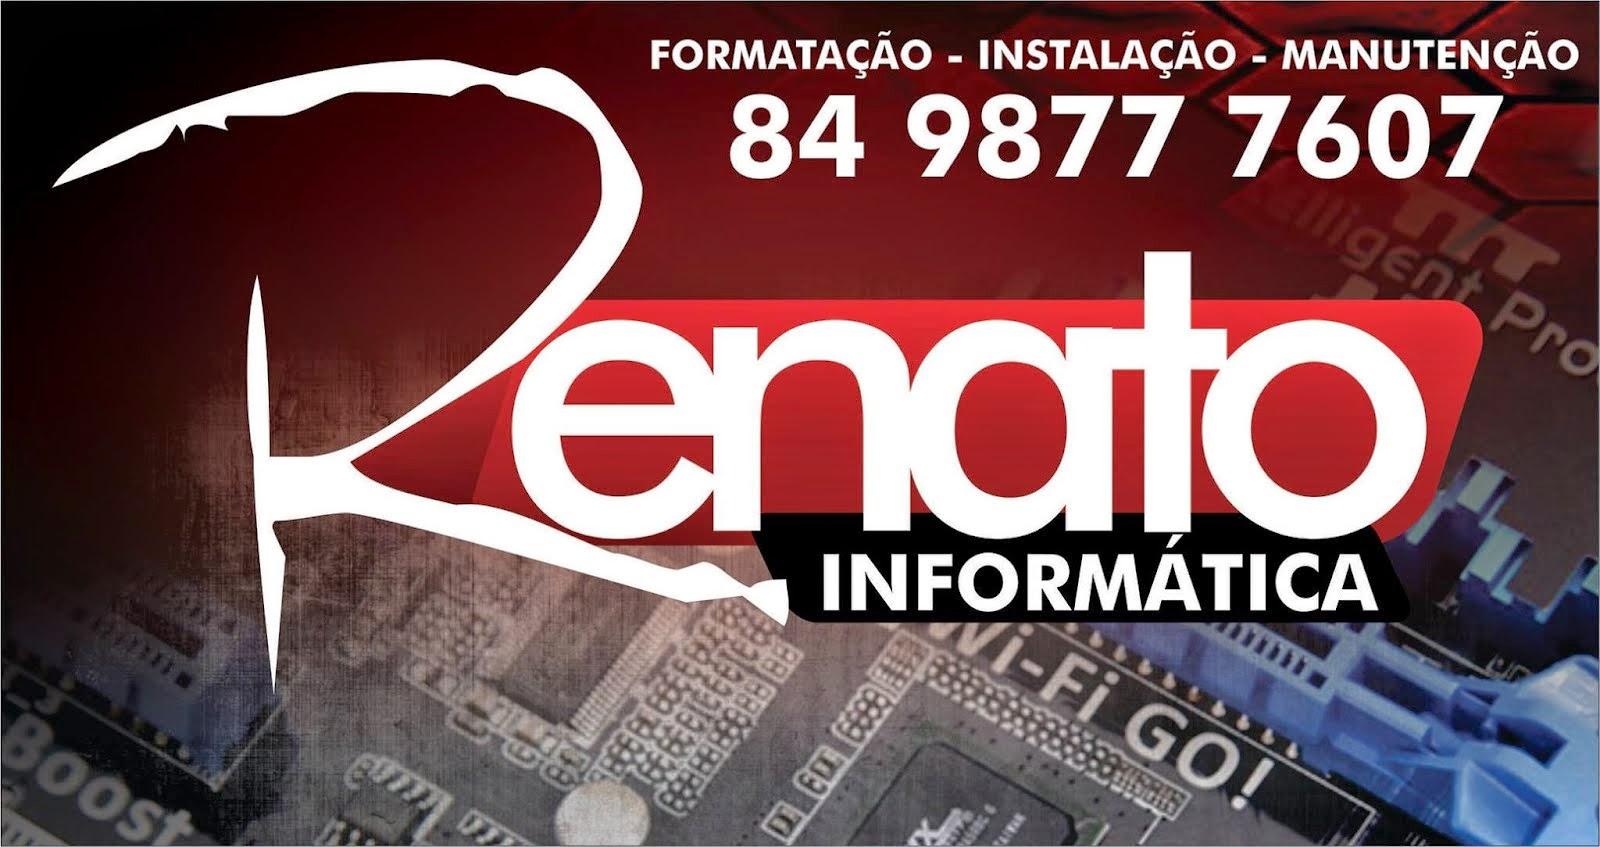 Renato Informatica